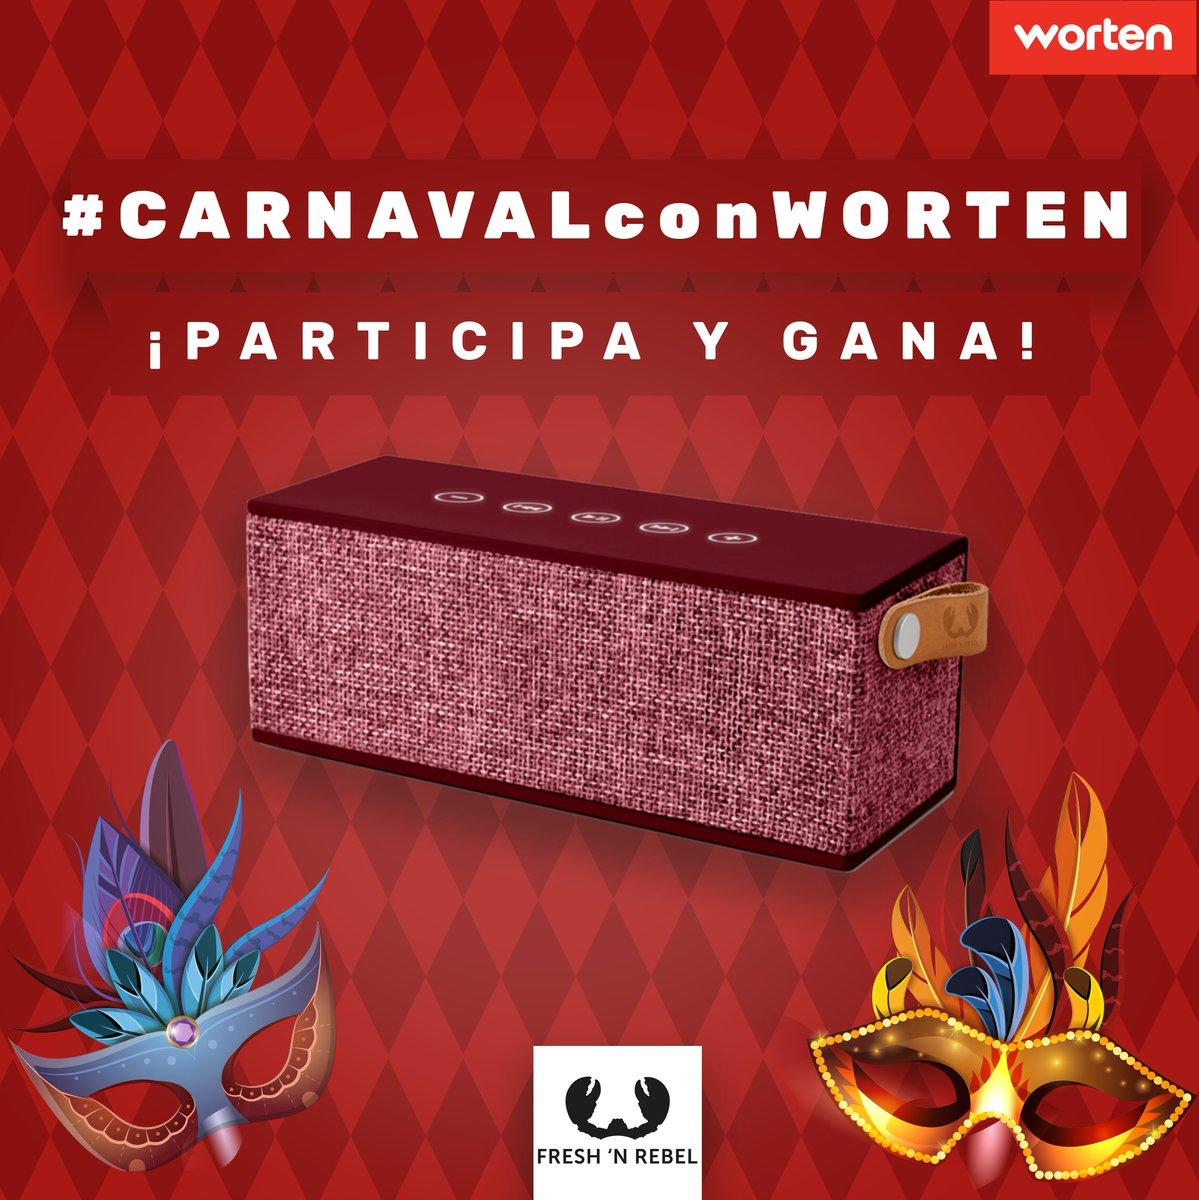 ¡Que ya queda poco para acabar el #Carnaval! Y queremos sortear un súper altavoz #bluetooth entre los que...👉Nos digan junto a #CarnavalconWorten cuál cree que será el disfraz estrella👉Etiquete a dos amigos#FelizMiércoles #MiércolesdeCeniza #Cuaresma #DonCarnal